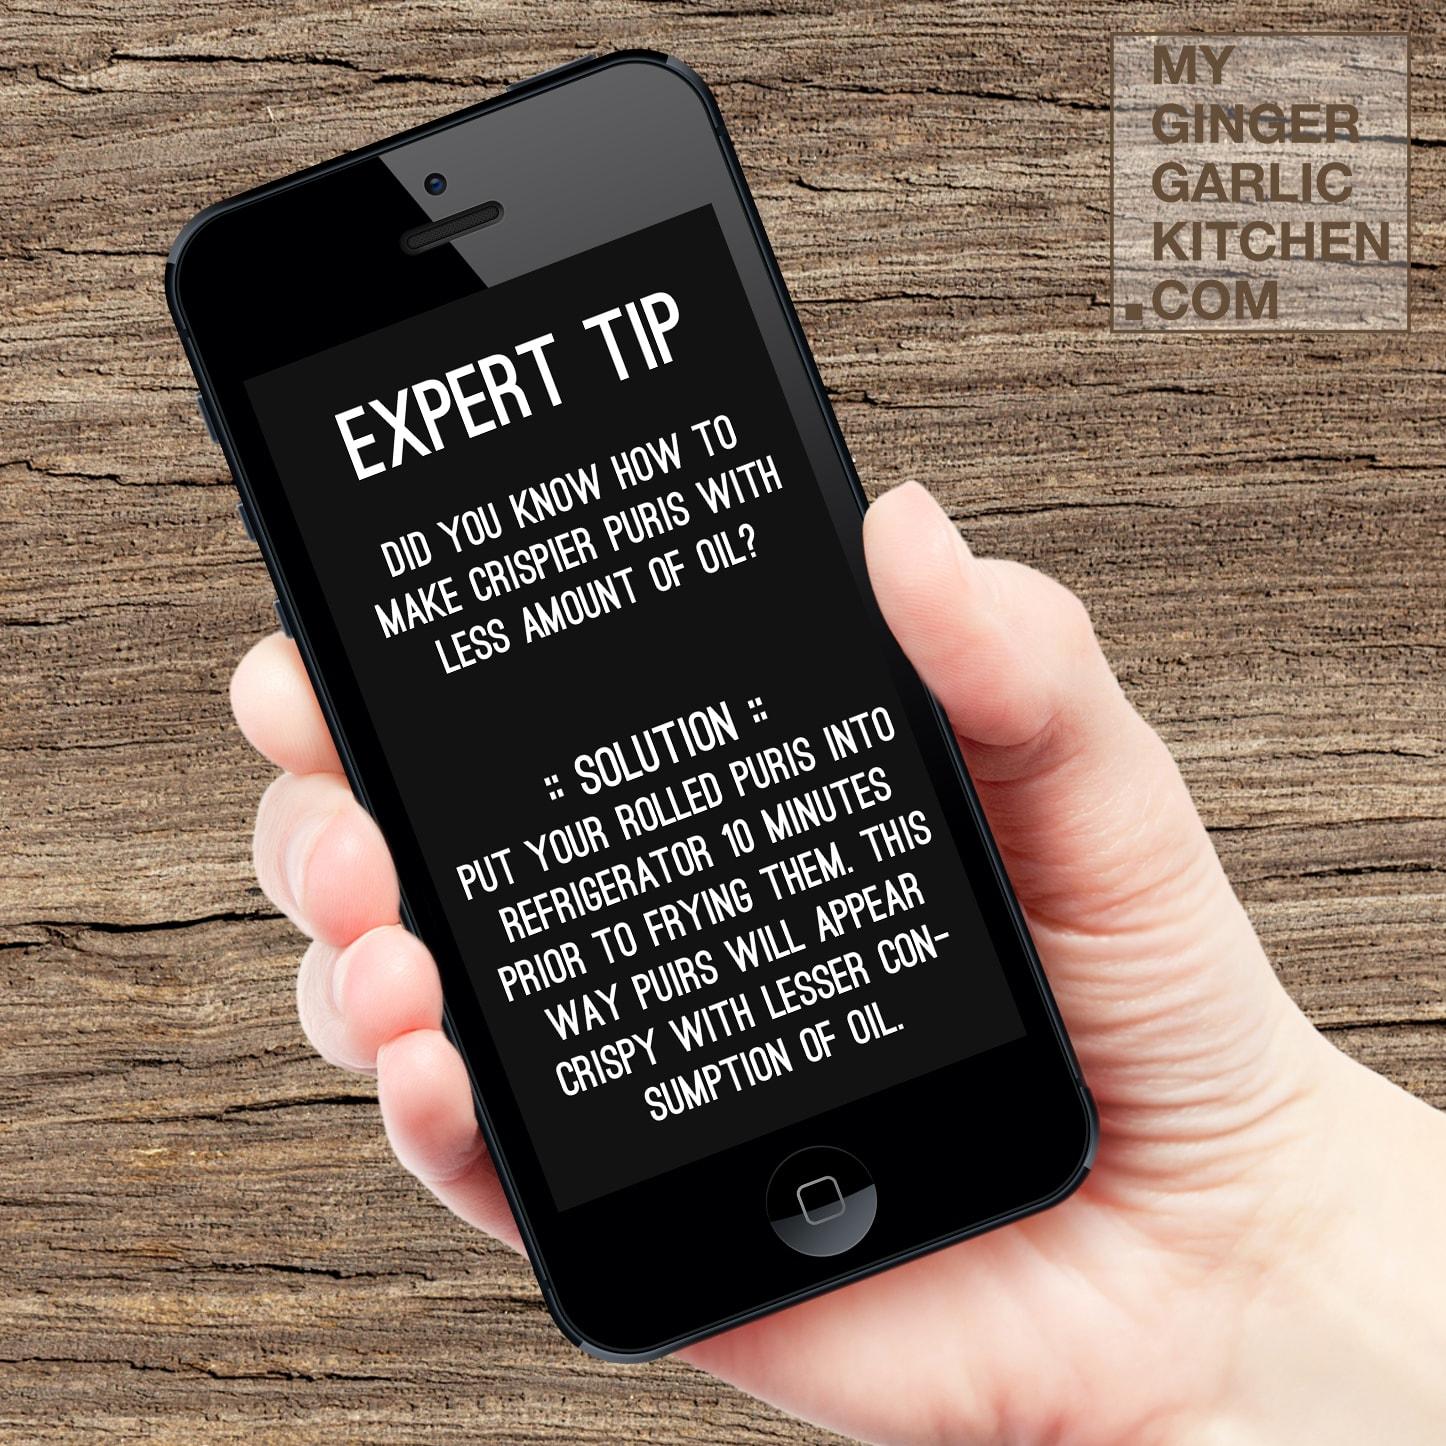 Image - cooking tips my anupama paliwal kitchen phone 81